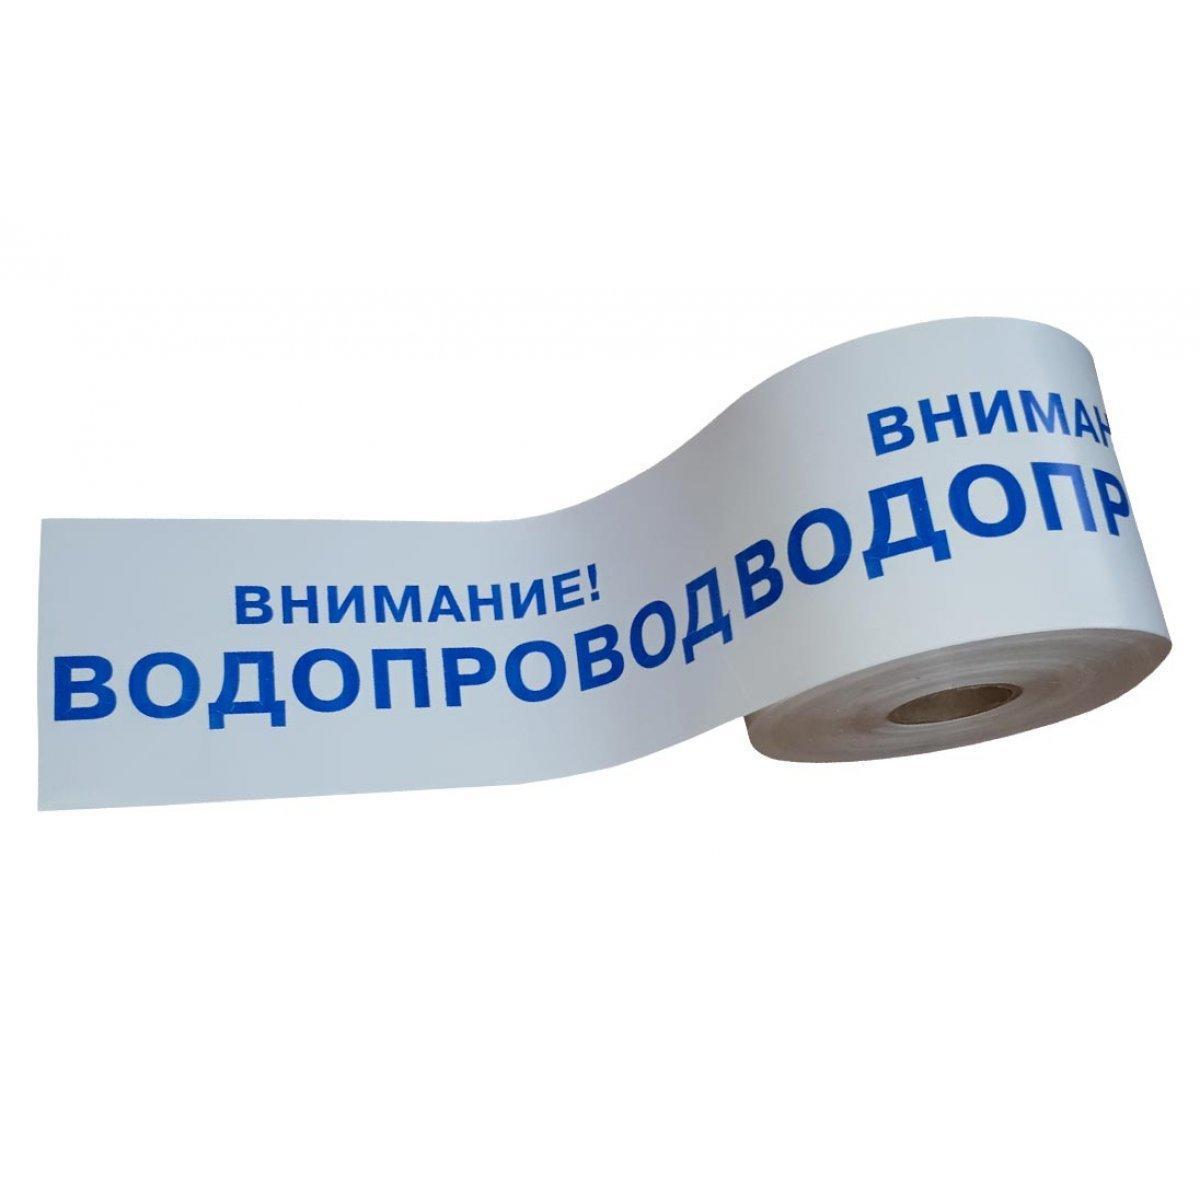 """Лента сигнальная """"Водопровод"""" ЛСВ 200 с логотипом """"Внимание! Водопровод"""" ширина 200мм, толщина 200 мкм, 250м"""